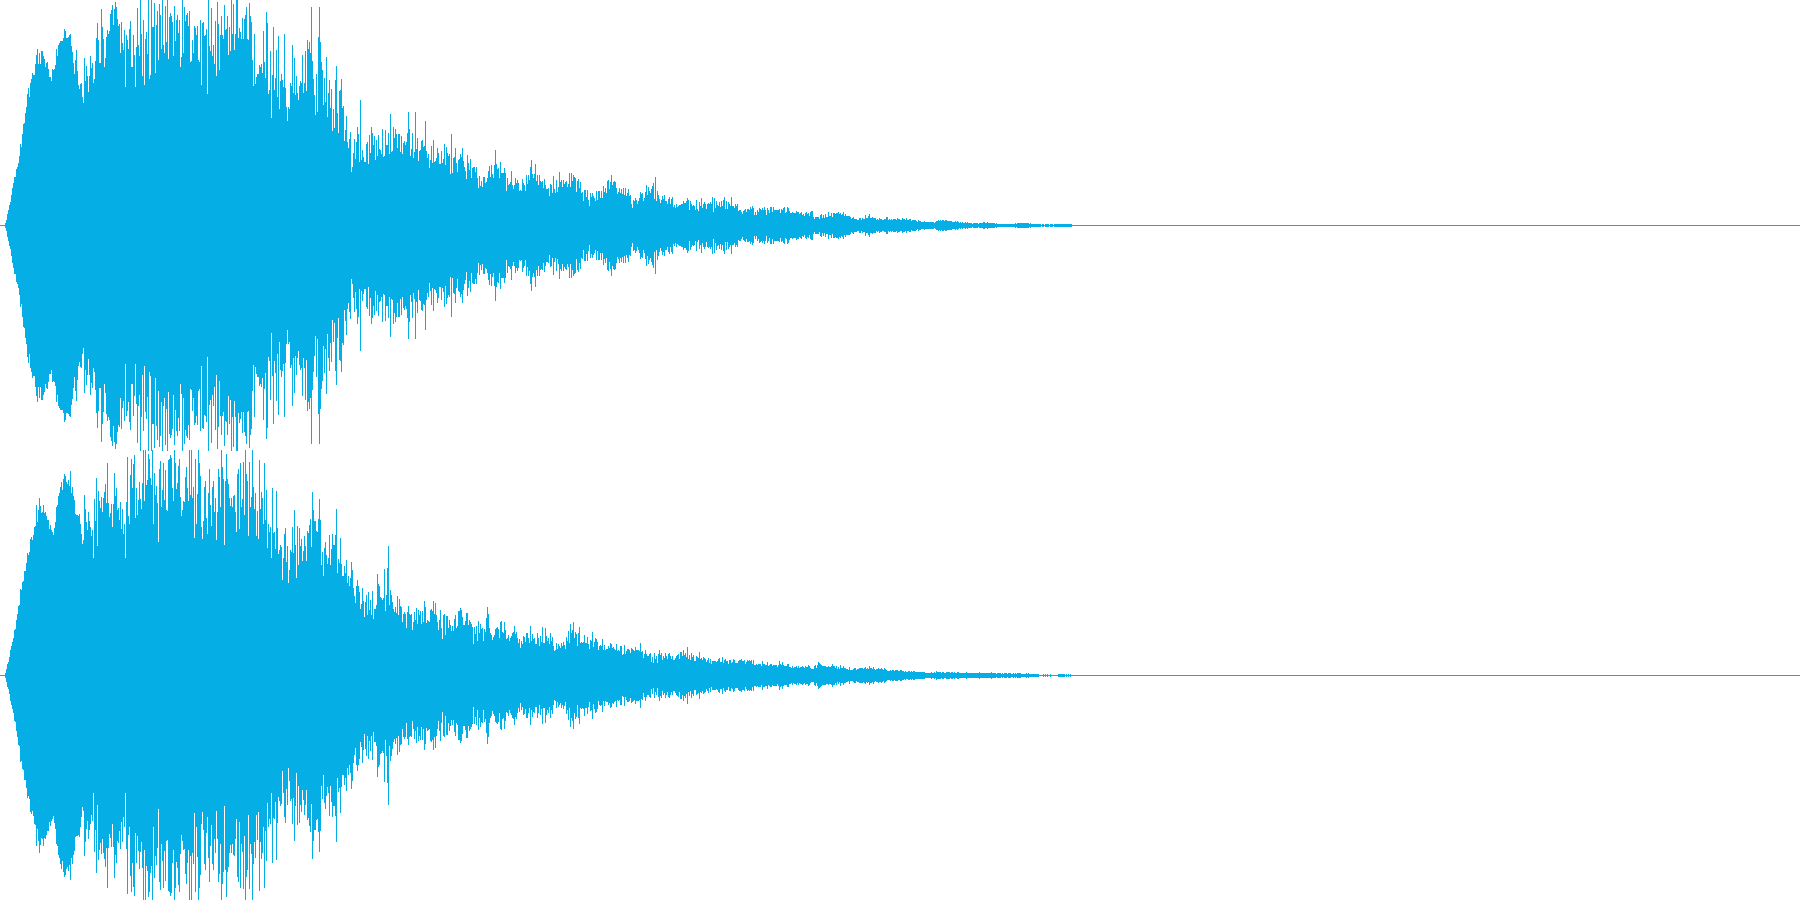 【ティロリン】ゲット アイテム【シャキンの再生済みの波形